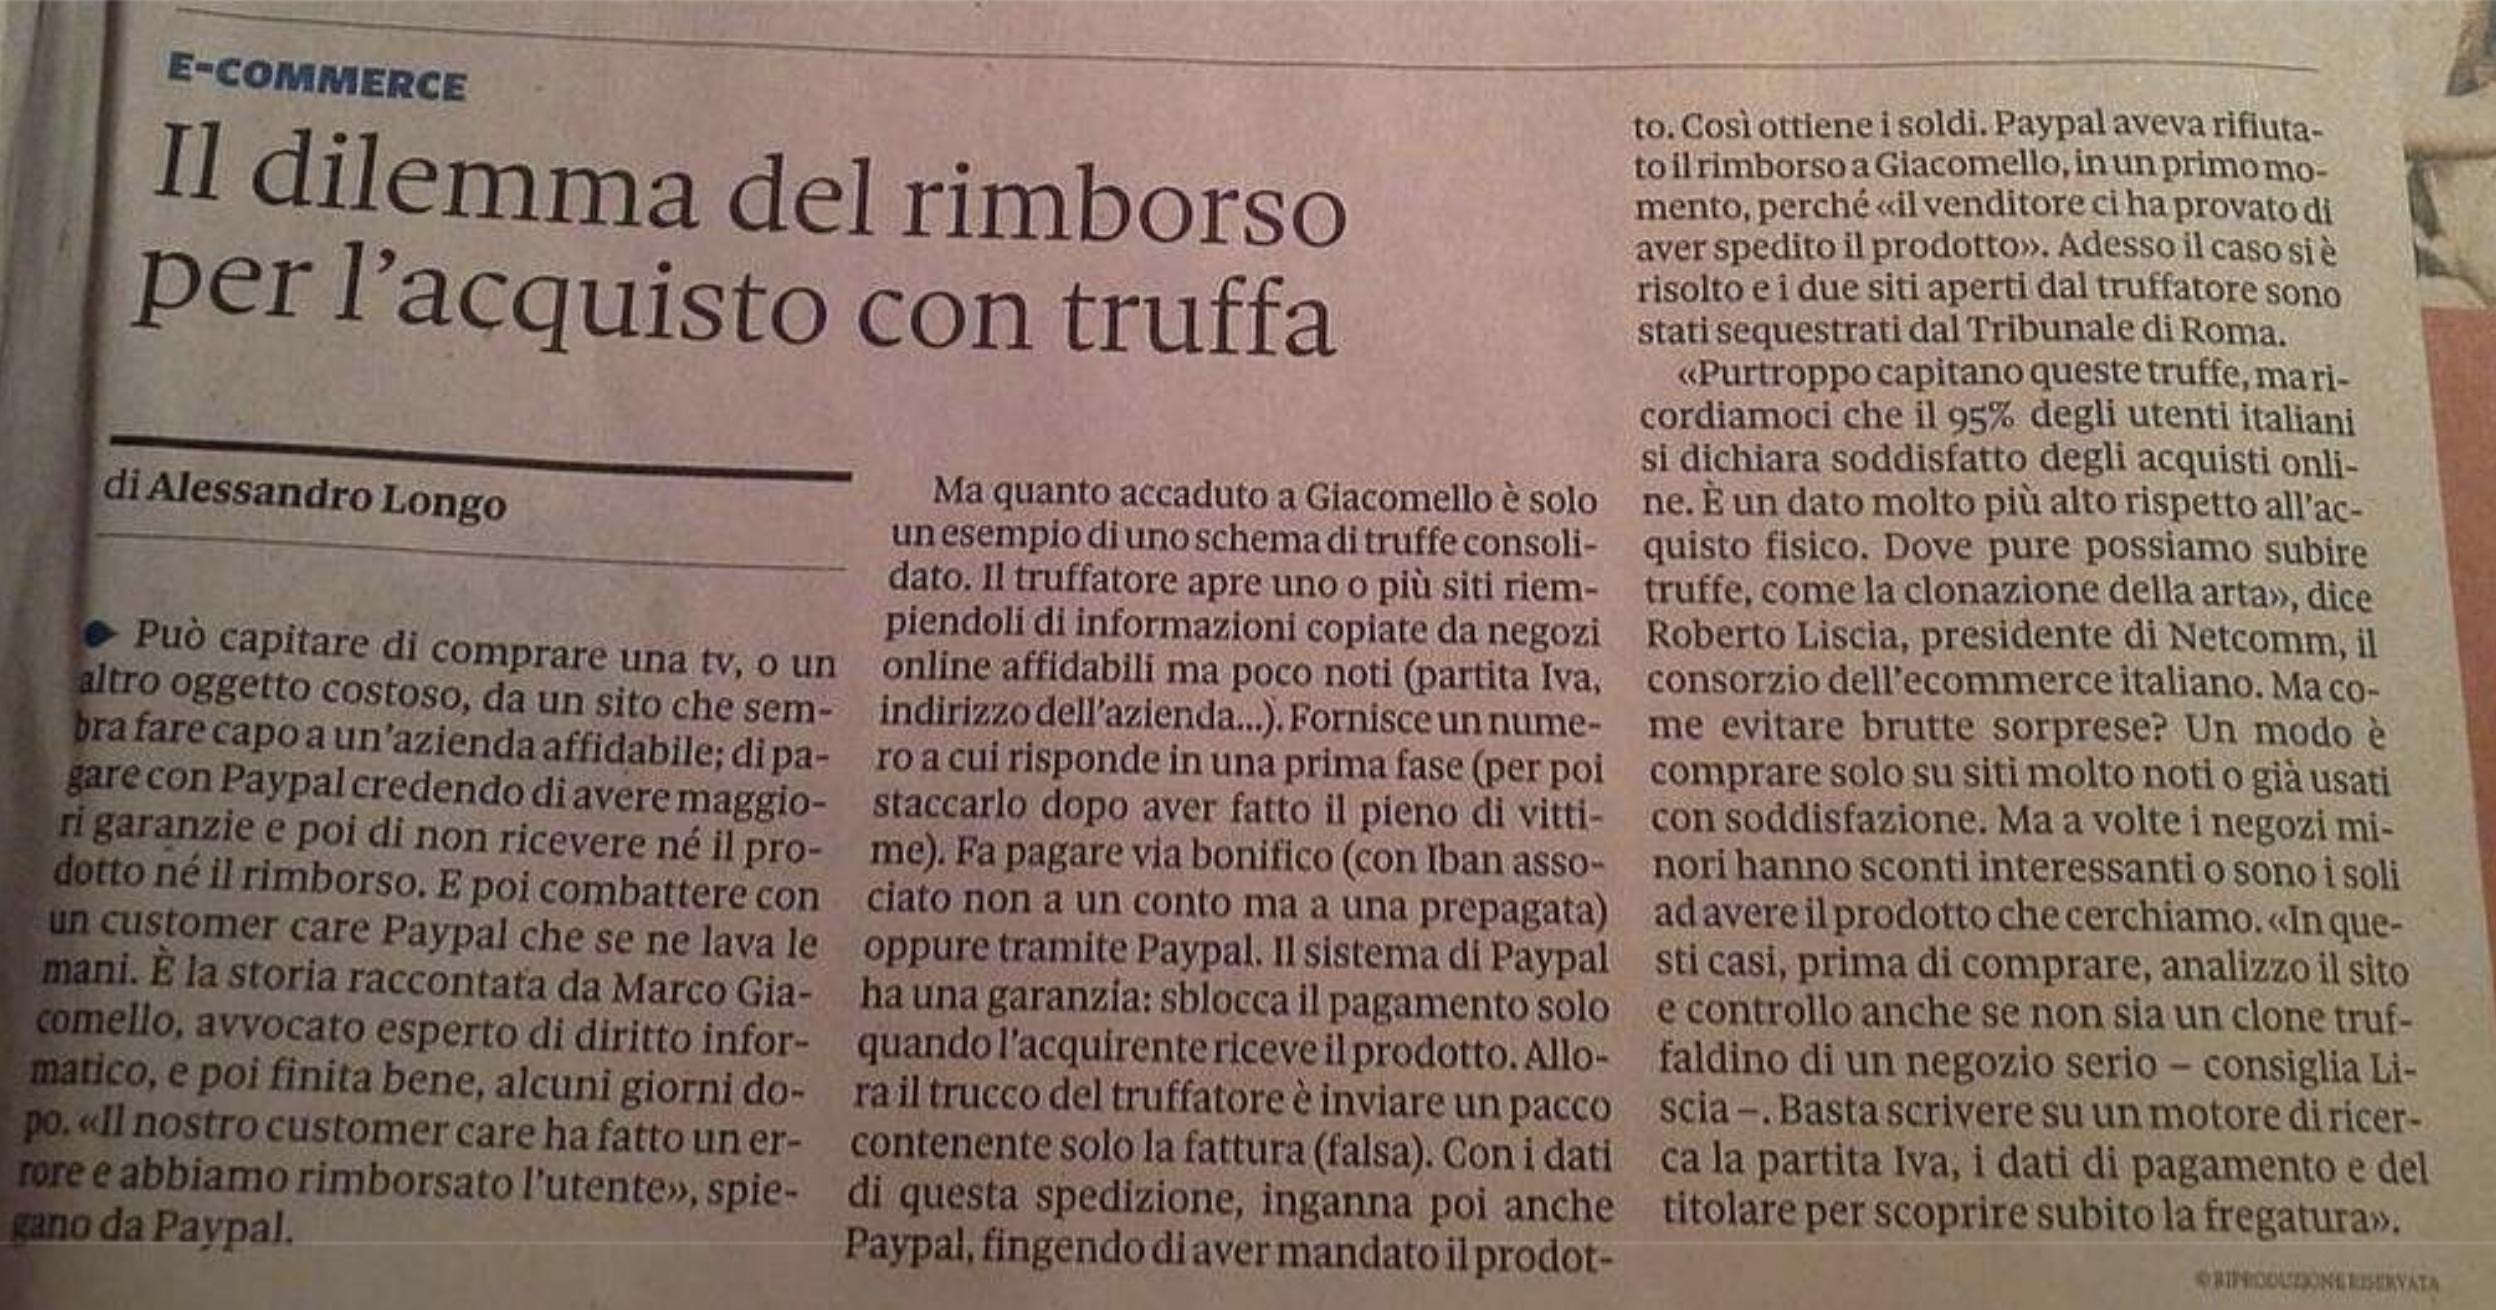 Il dilemma del rimborso per l'acquisto con truffa – Nòva, Il Sole 24 Ore (Gennaio 2013)